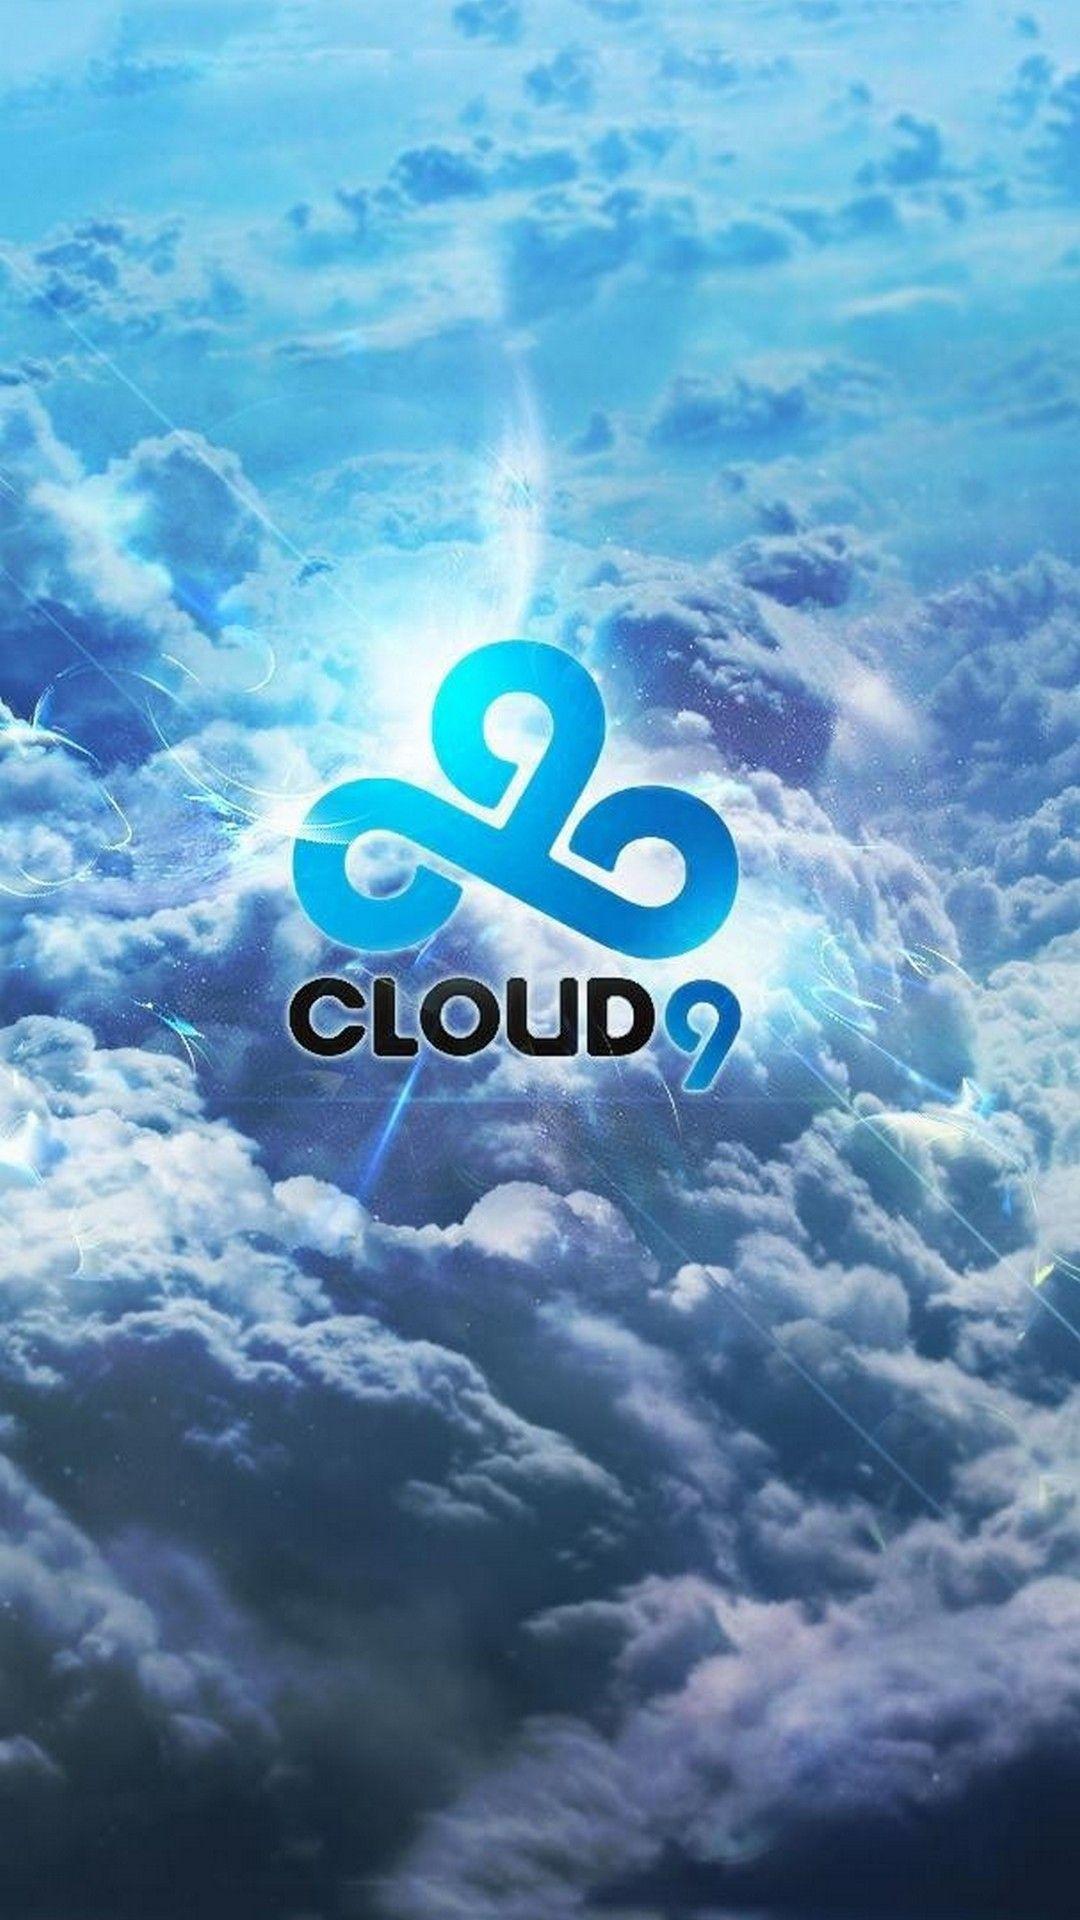 Android Wallpaper Hd Cloud 9 Games Hd Wallpaper Android Android Wallpaper Cloud 9